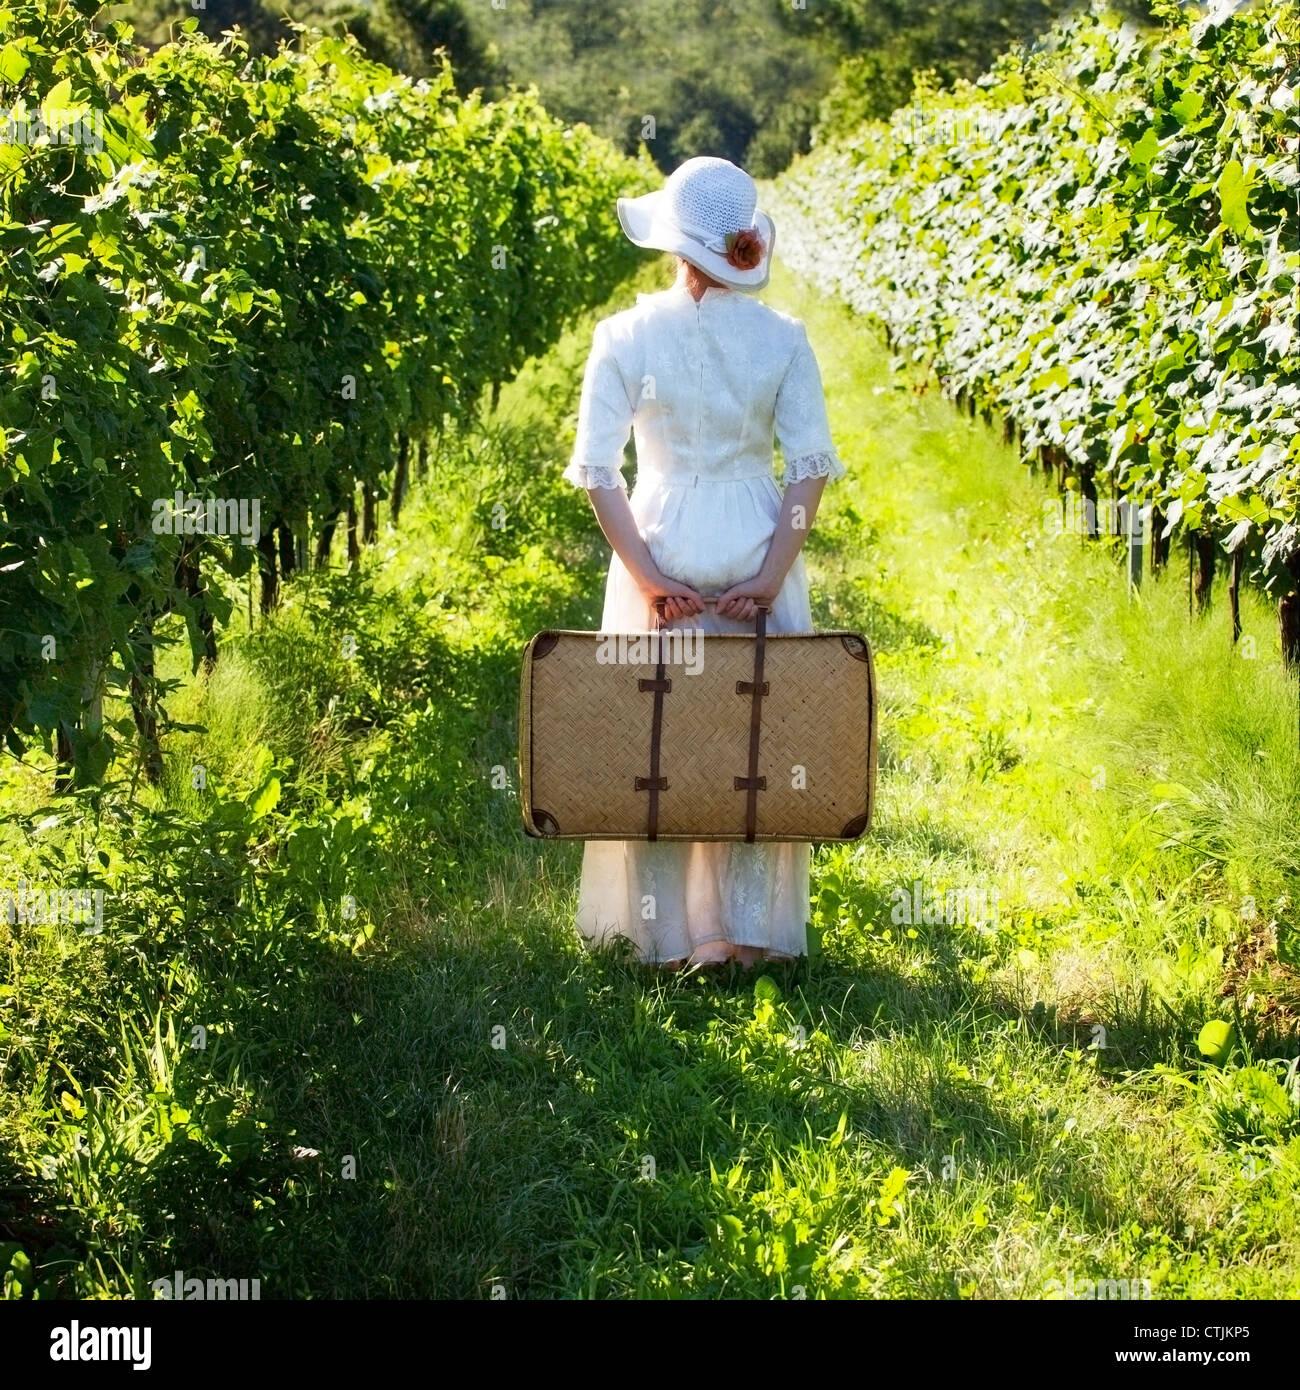 Una mujer en un vestido blanco de estilo victoriano, está caminando a través de los viñedos Foto de stock